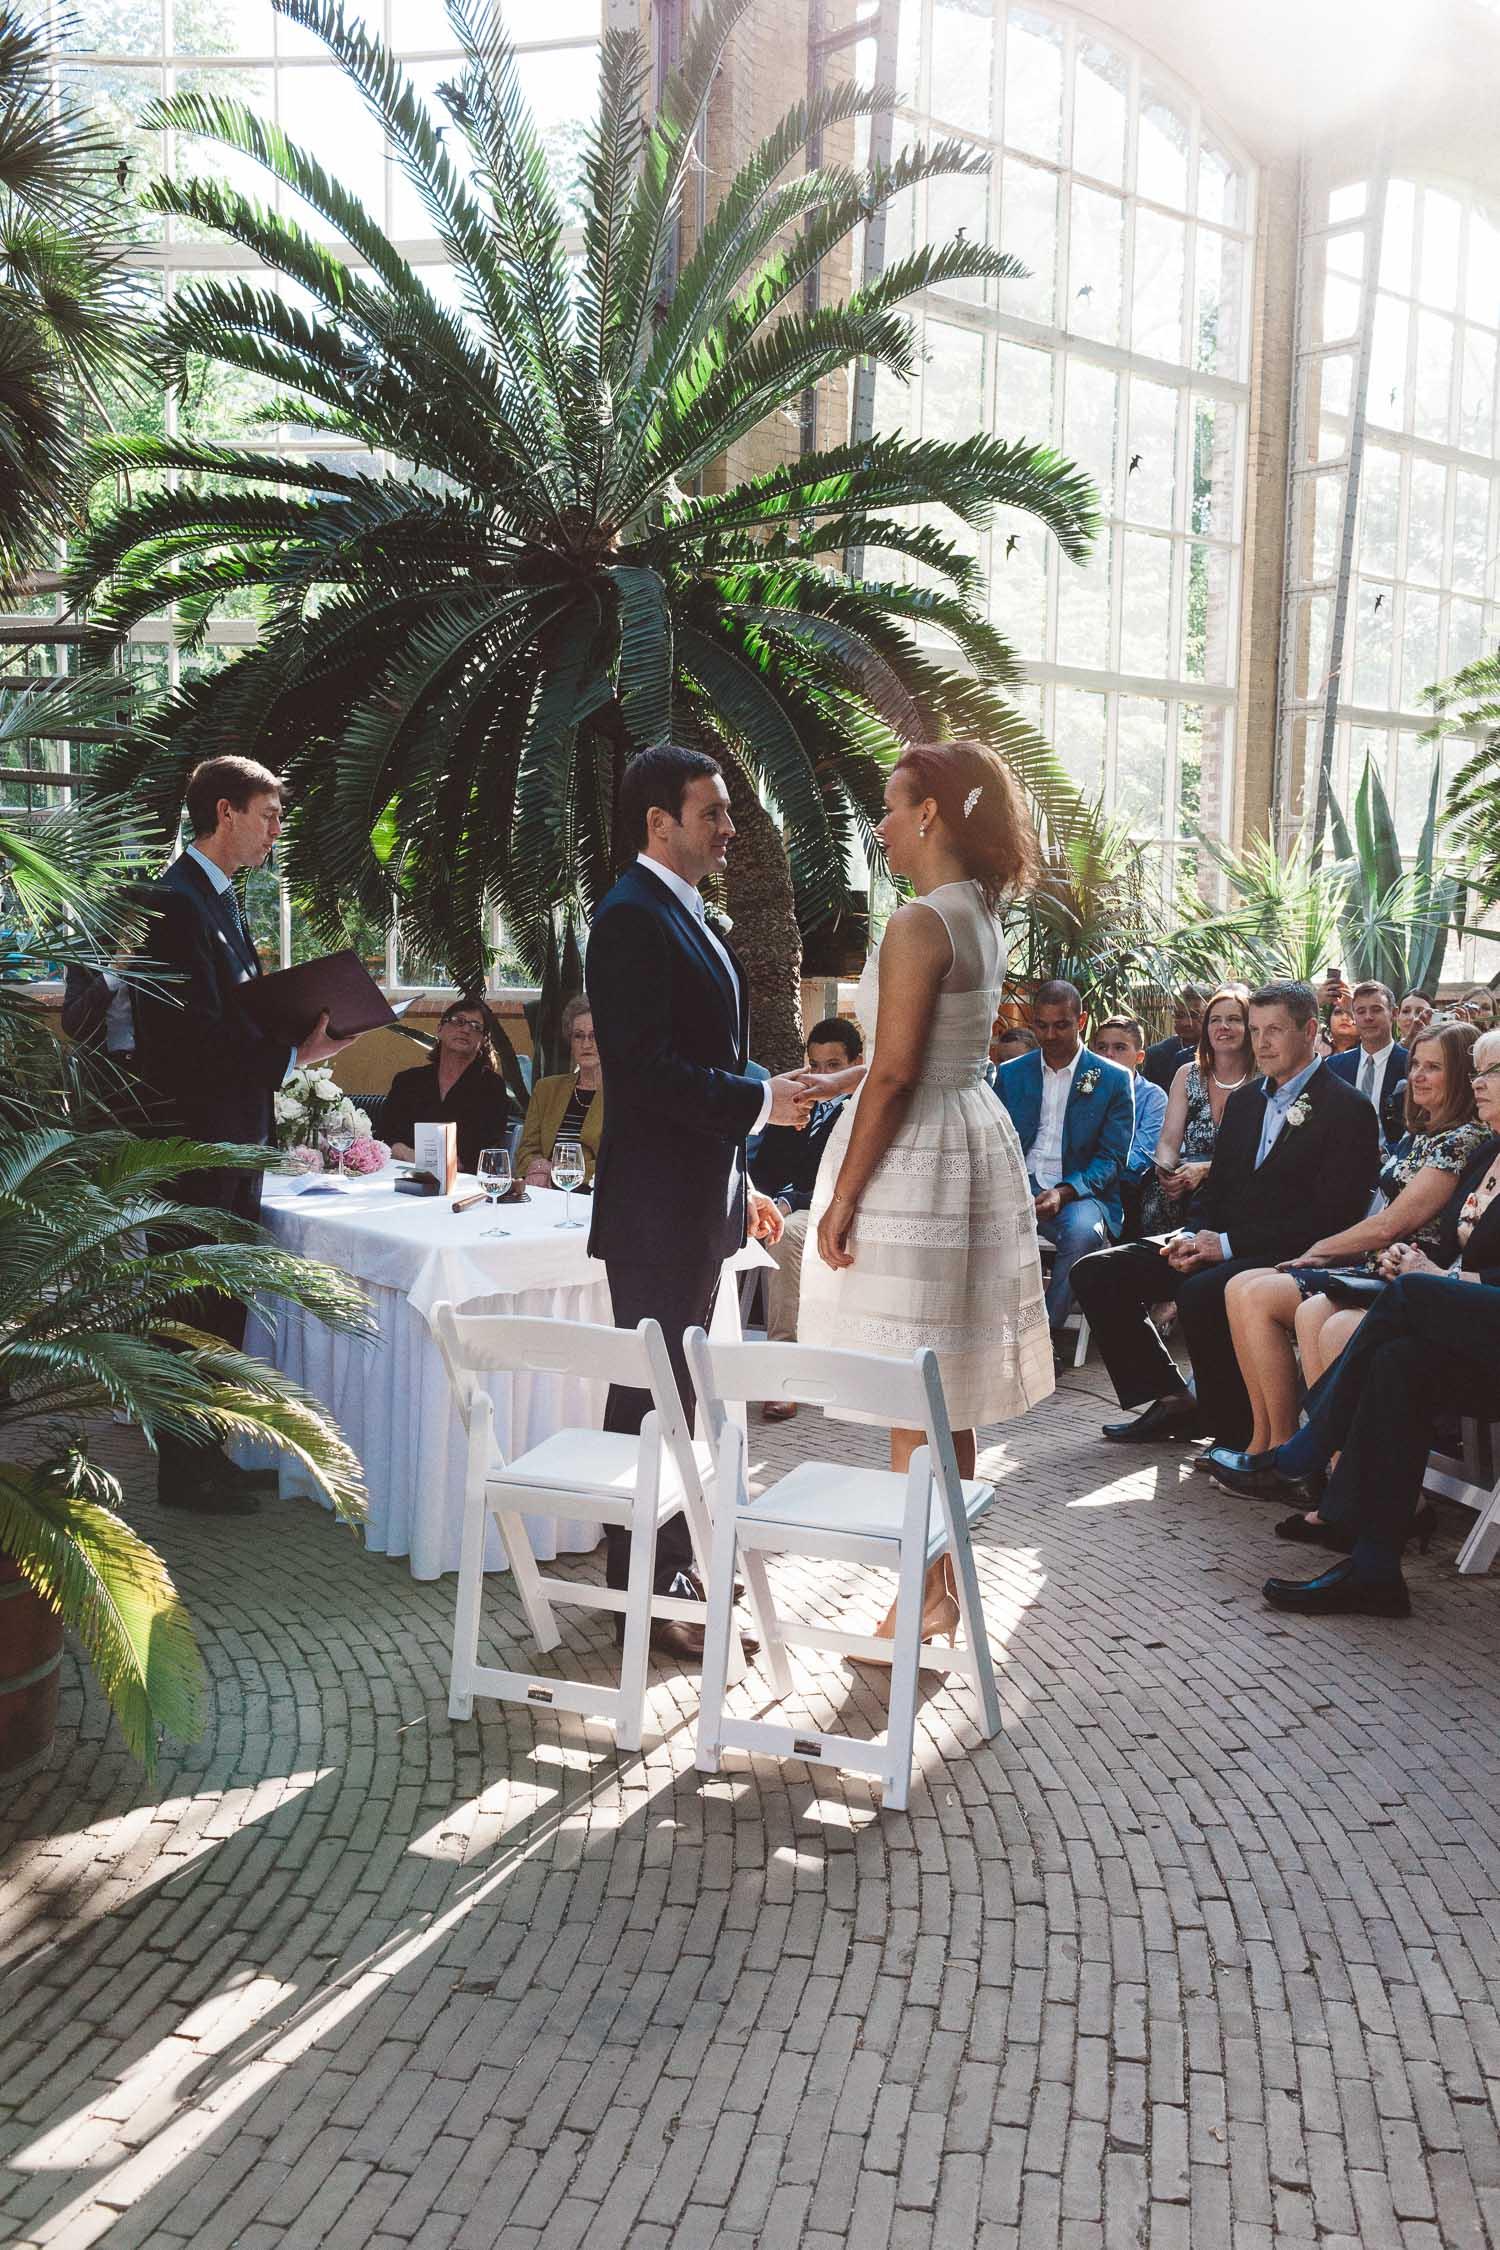 Wedding-photography-trouwfotografie-huwelijksfotograaf-Hortus-Botanicus-Amsterdam-On-a-hazy-morning-15.jpg